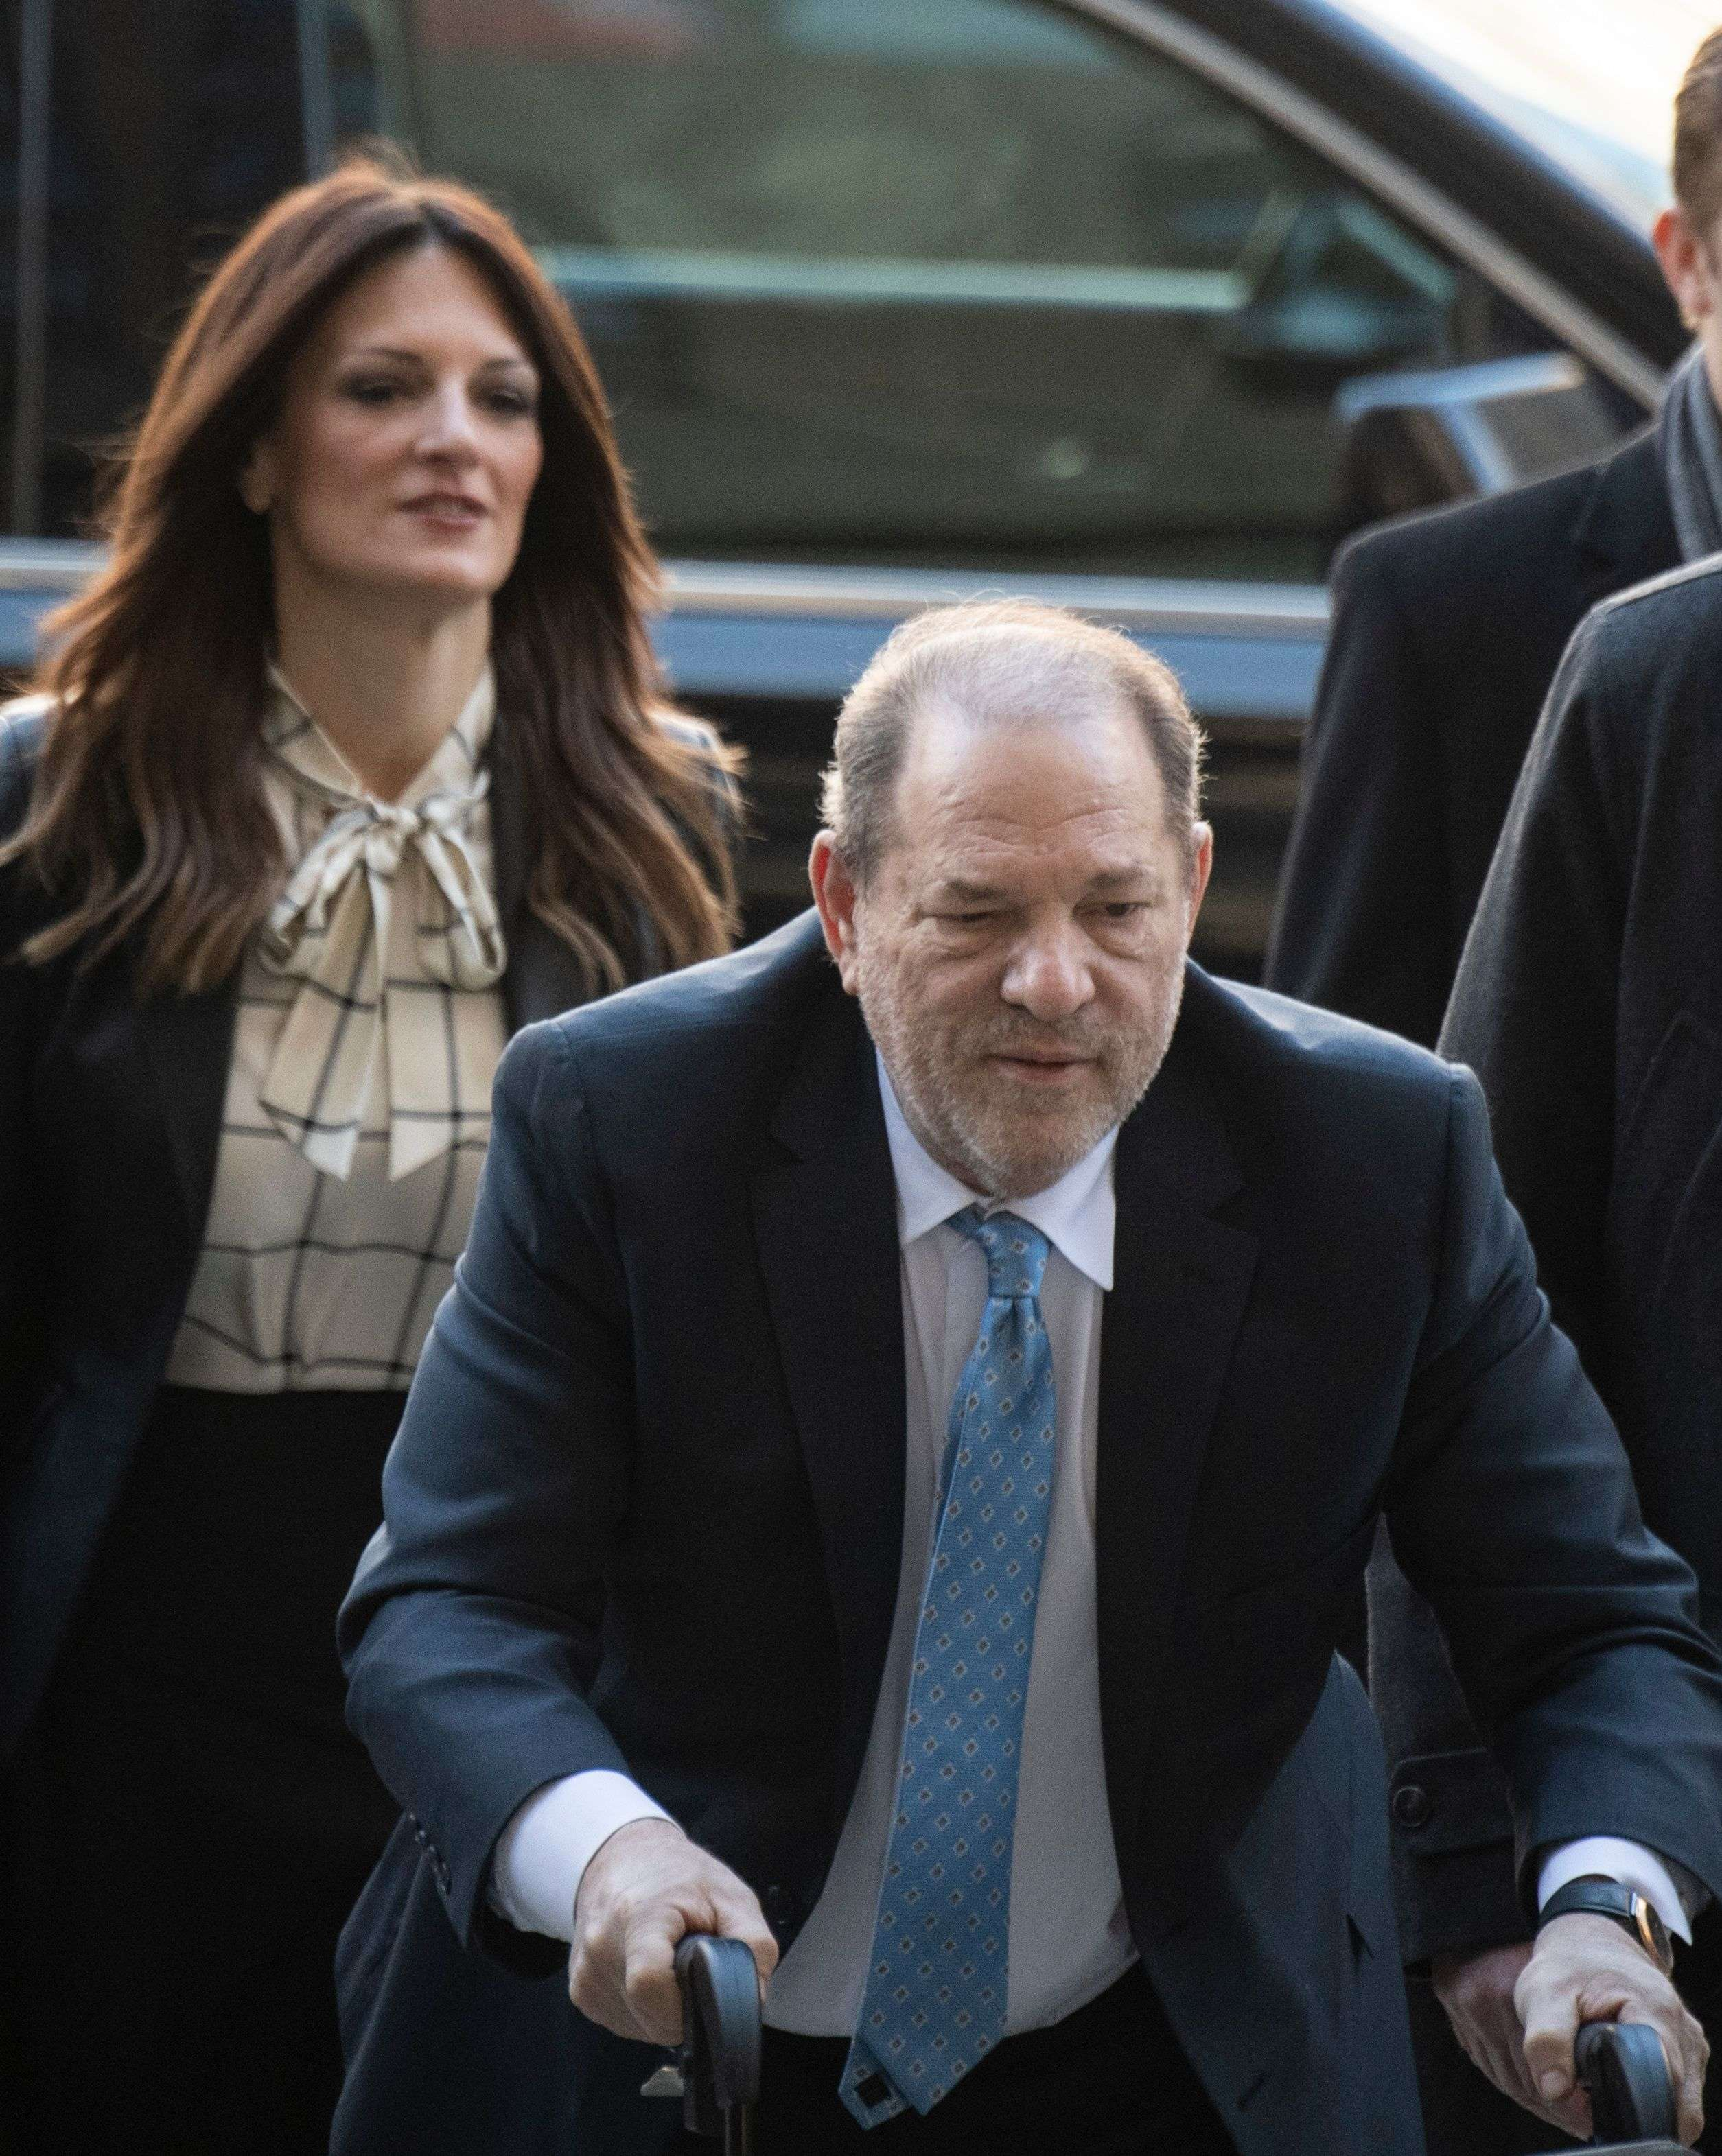 Harvey Weinstein arrives at the Manhattan Criminal Court.